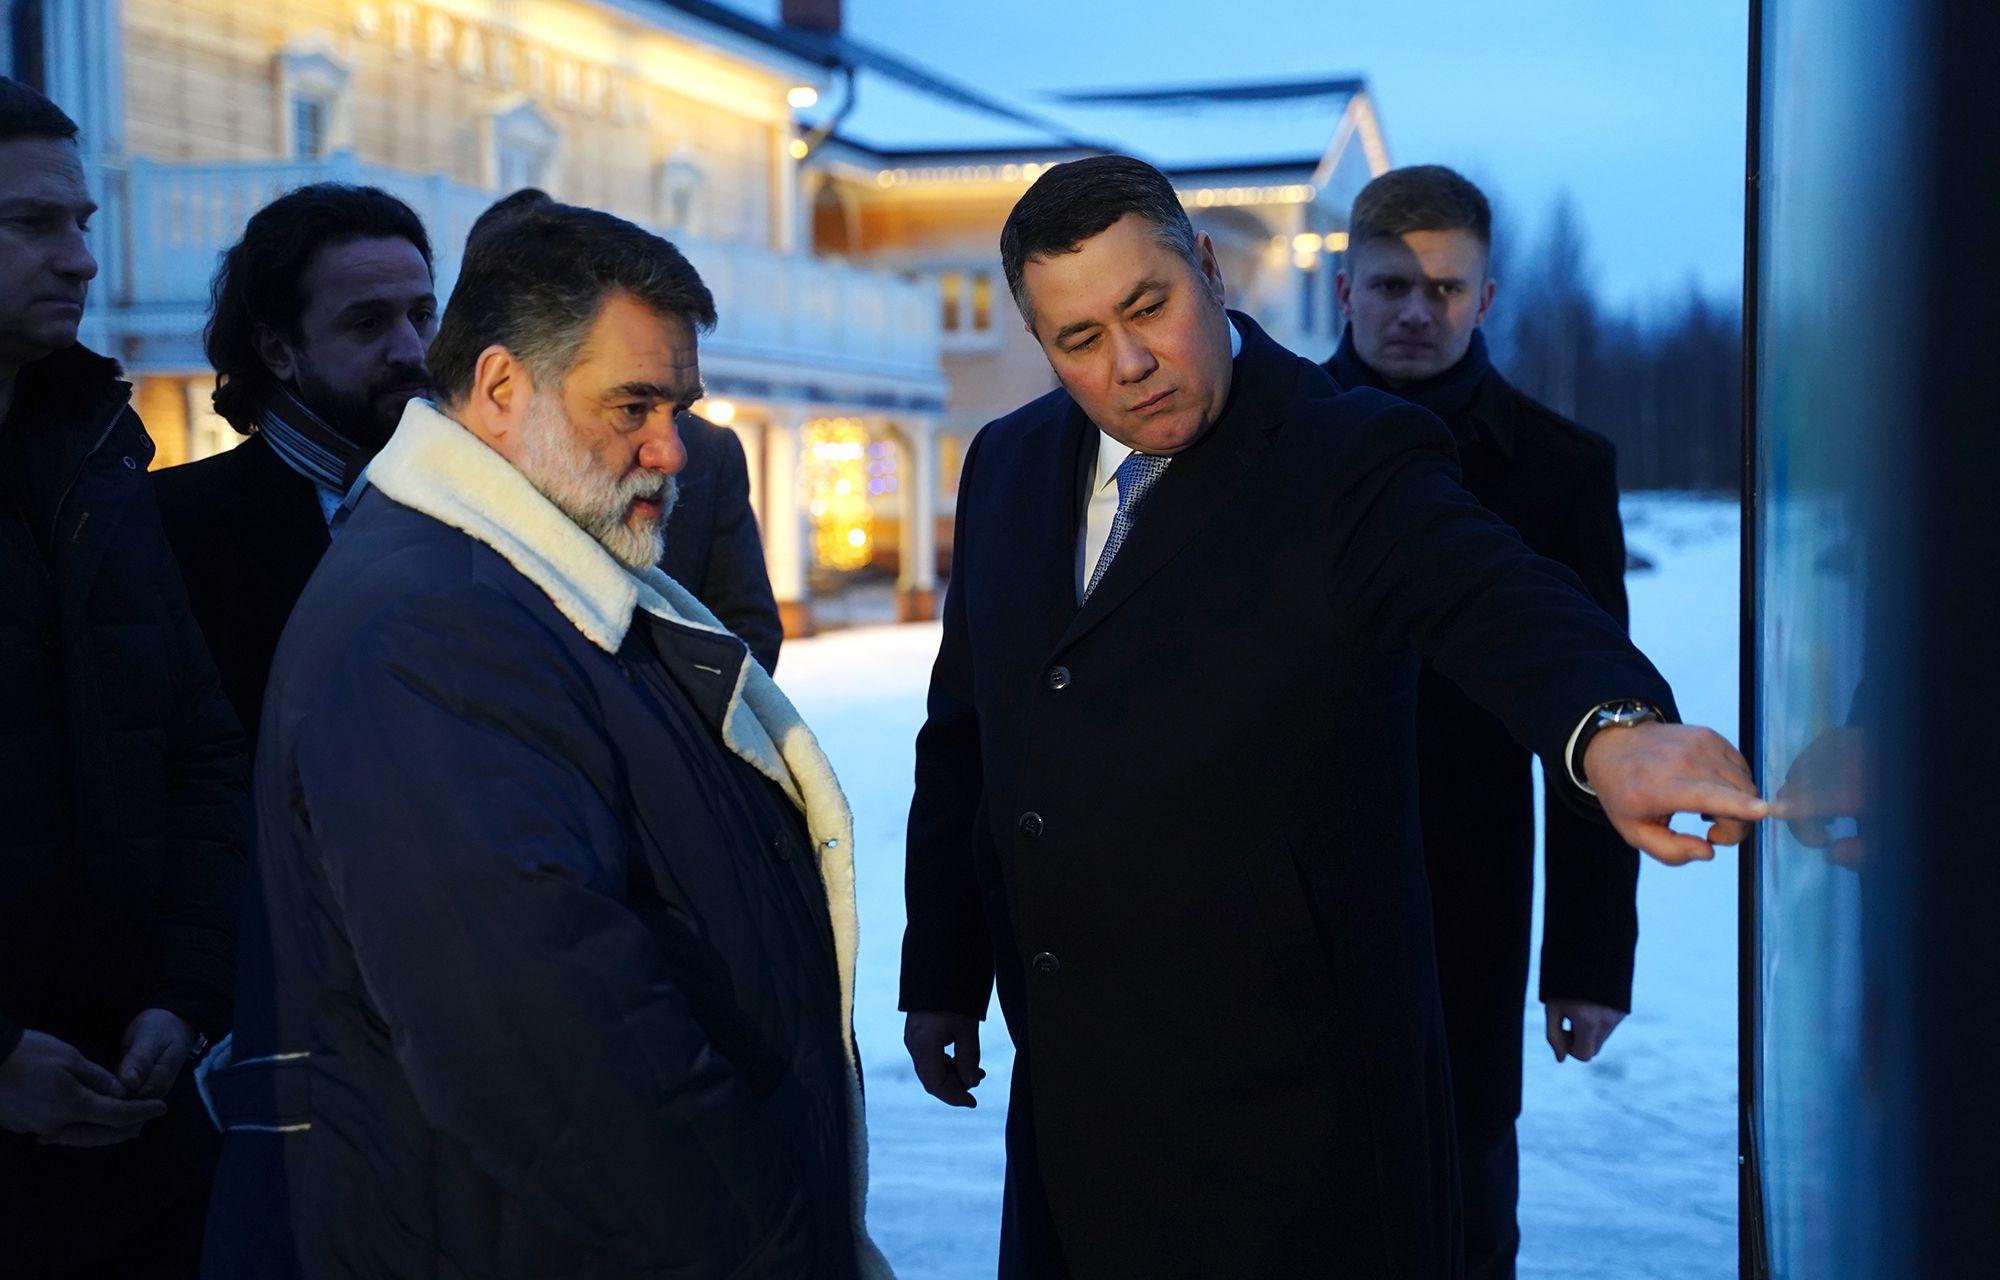 Игорь Руденя и Михаил Куснирович обсудили реализацию нового инвестпроекта на территории ОЭЗ «Завидово»